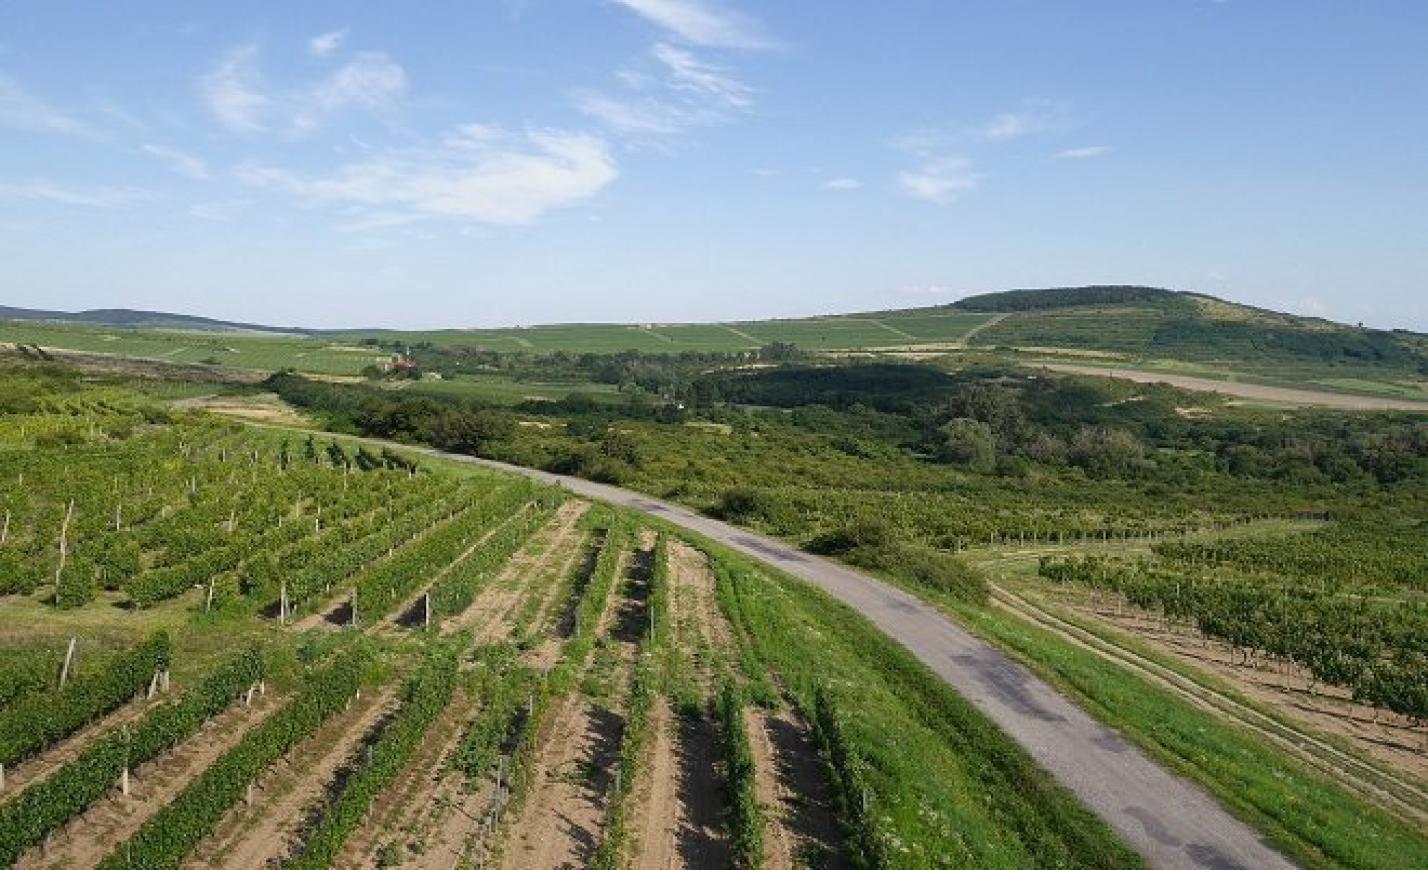 A Tokaj-hegyaljai termelők, kézművesek piaca kapta a Takács András-emlékdíjat